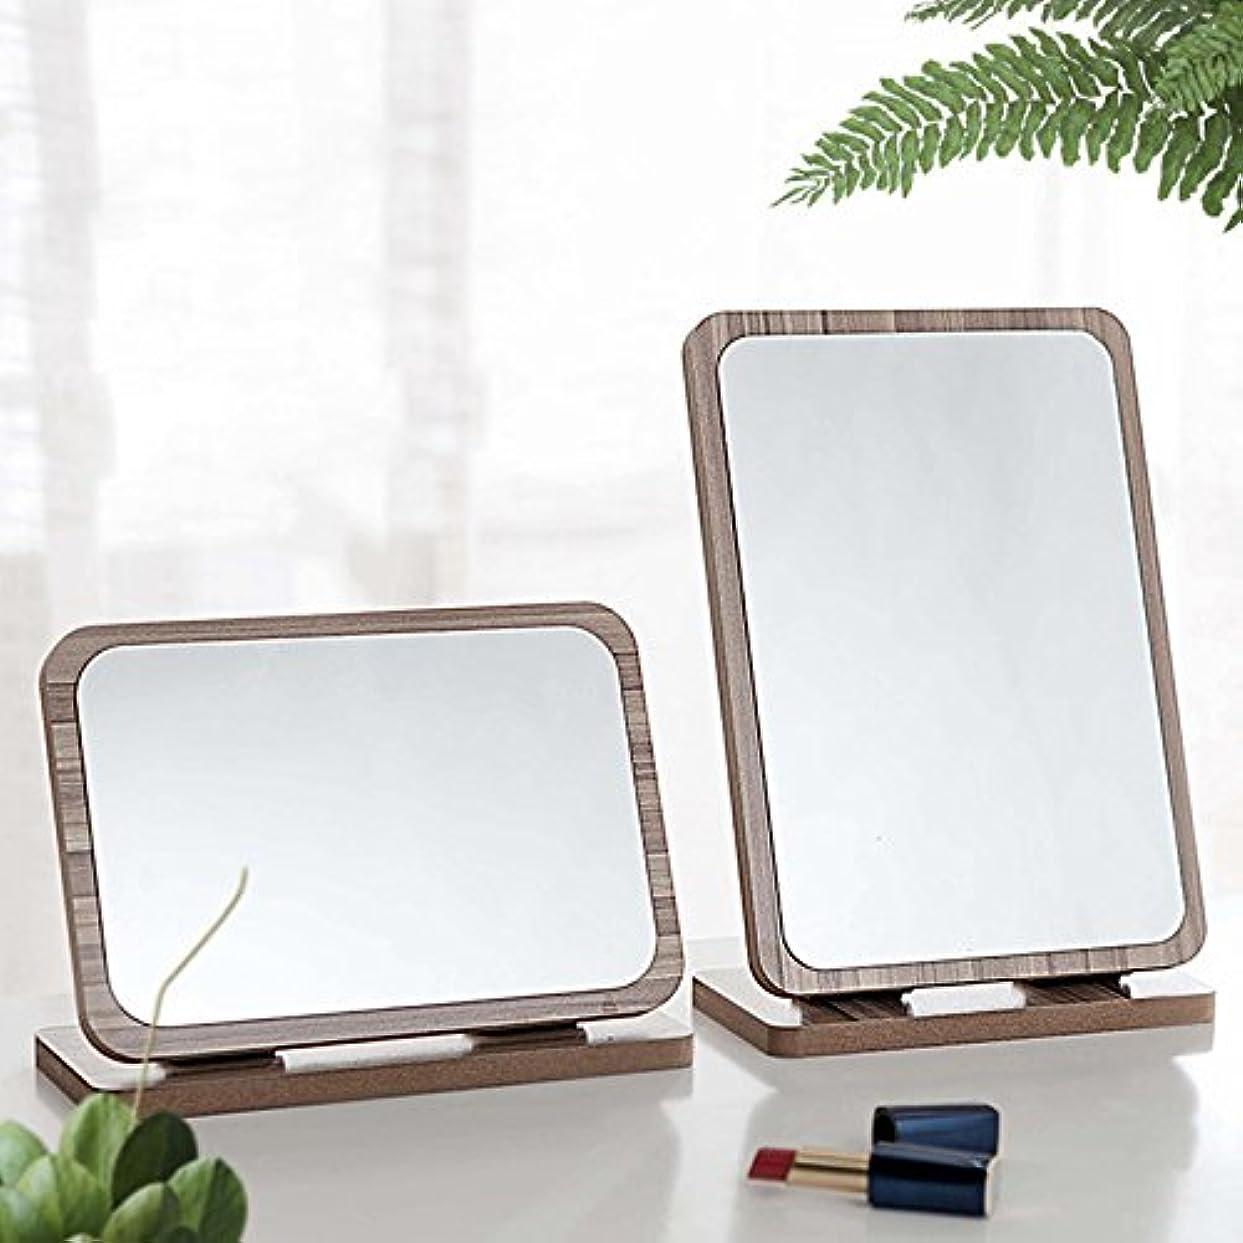 しなやかリーク守銭奴YZUEYT デスクトップ木製の化粧鏡3倍拡大180度回転ポータブルバニティバスルームメイクツール YZUEYT (Color : NO. 10#)